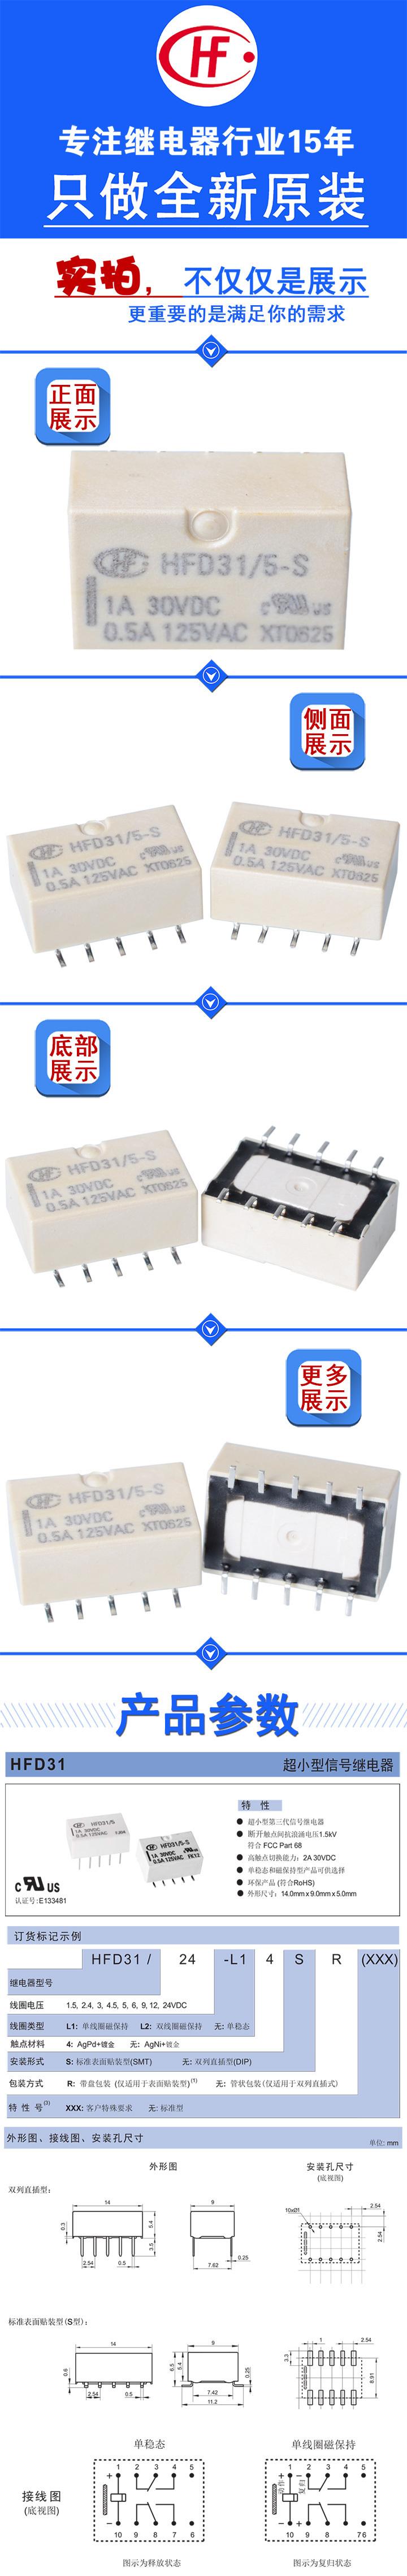 HFD31-5-S-720_01